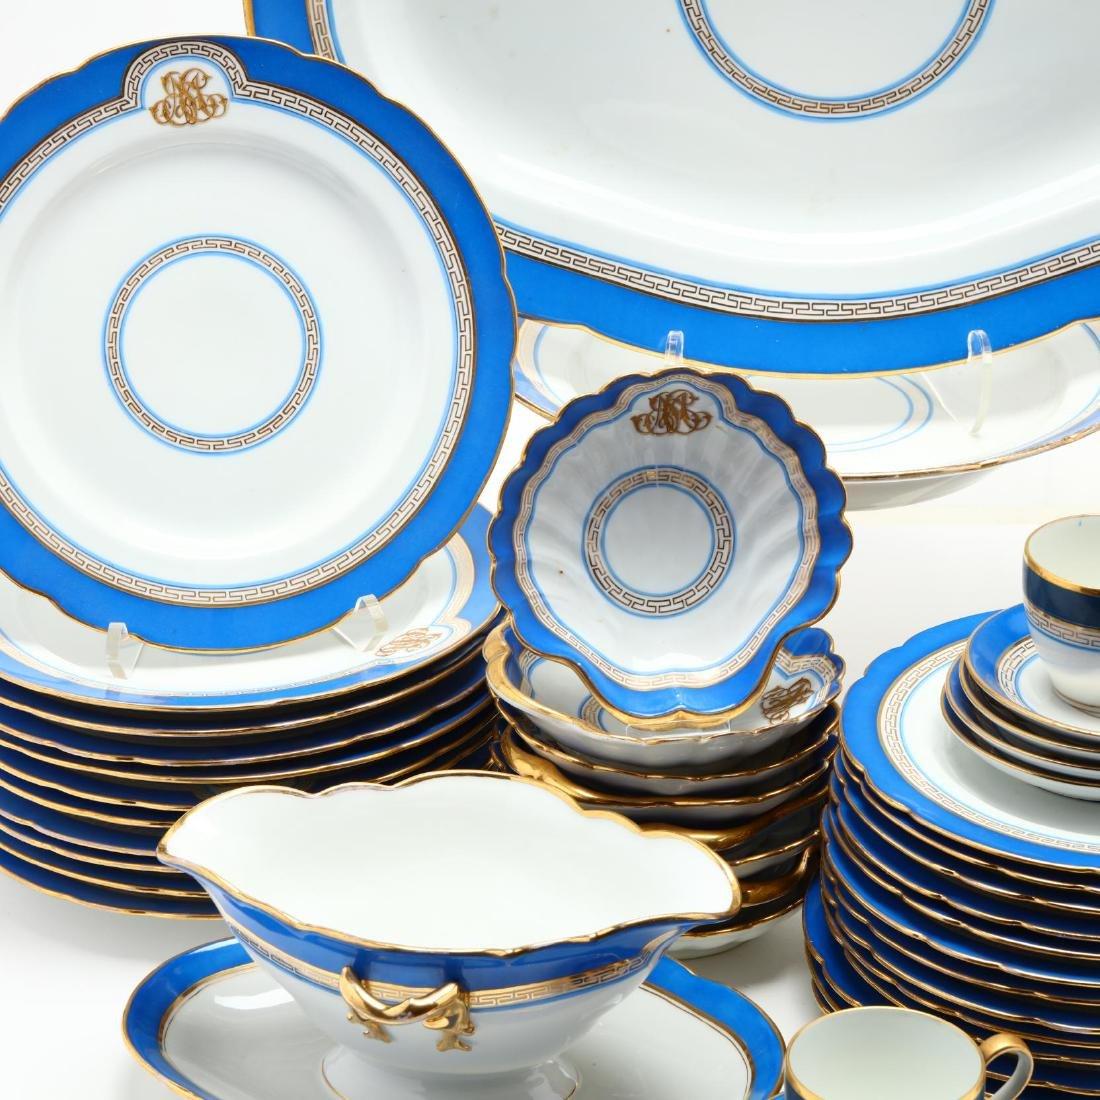 An Antique Set of Monogrammed Paris Porcelain - 2